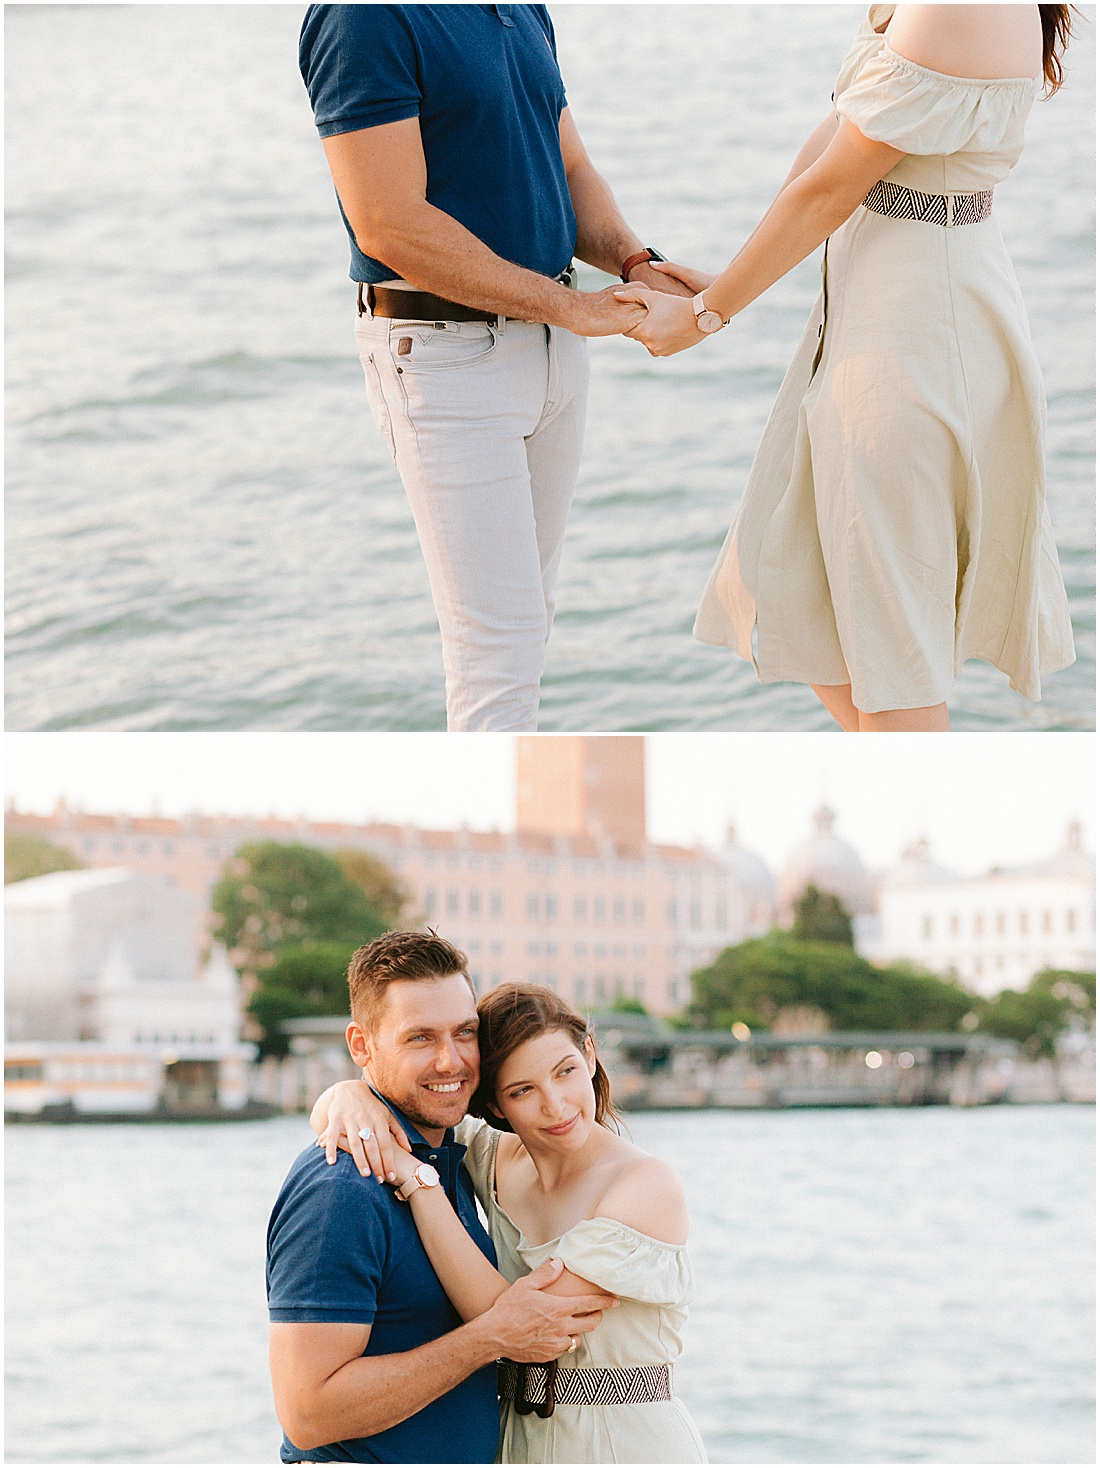 wedding-surprise-proposal-photographer-venice-gondola-sunset-stefano-degirmenci_0360.jpg